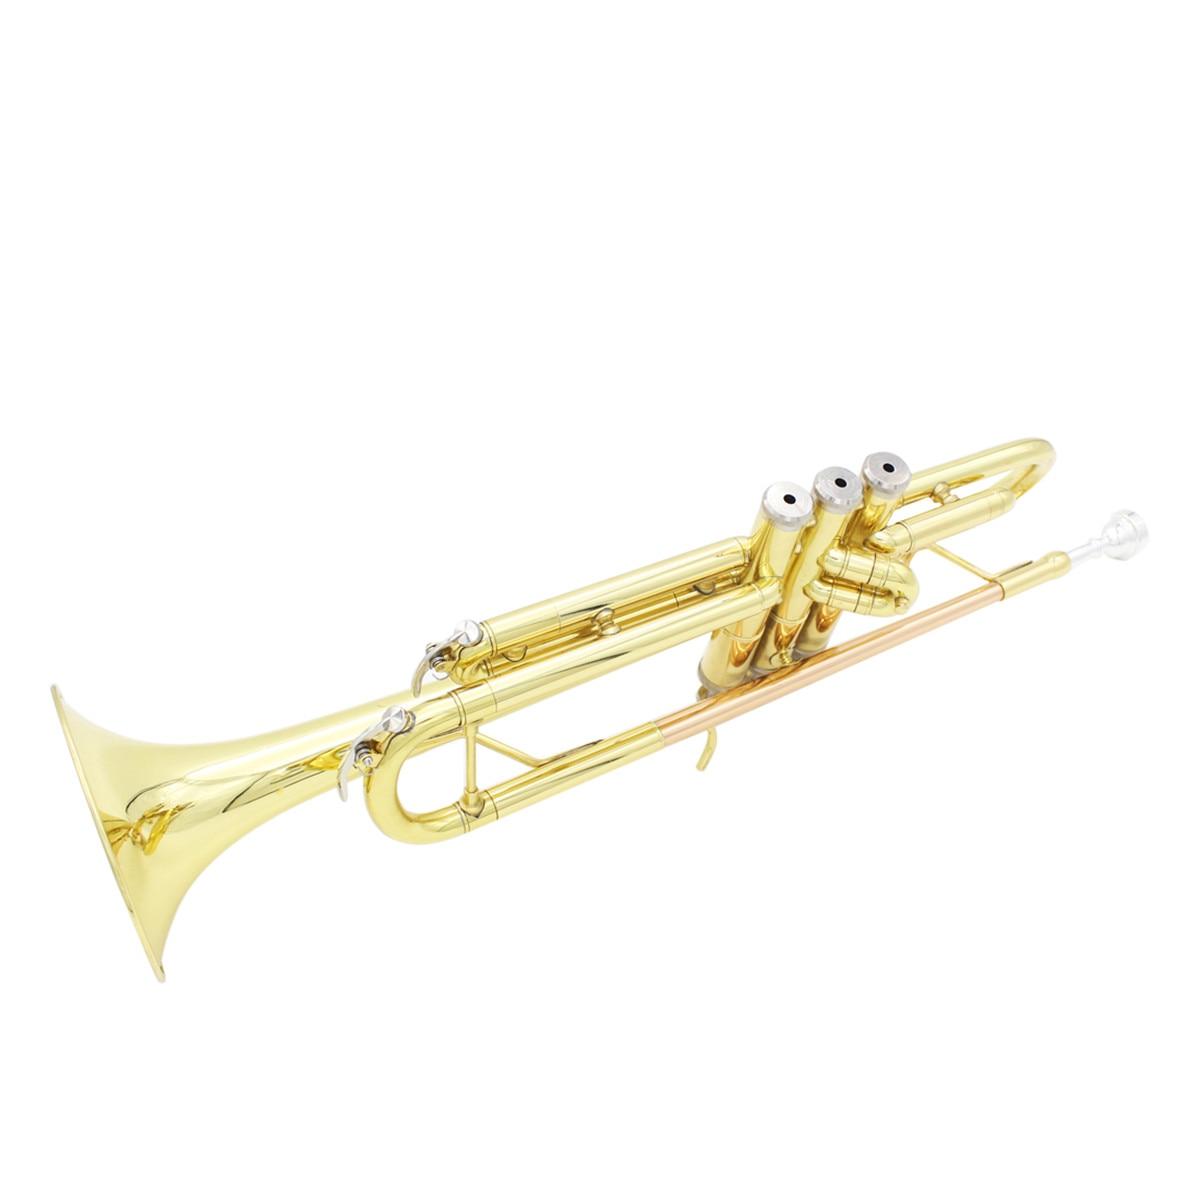 Профессиональные латунные Музыкальные инструменты труба с сумкой латунная Золотая труба цифровая Механическая сварочная труба музыка принимает - 4